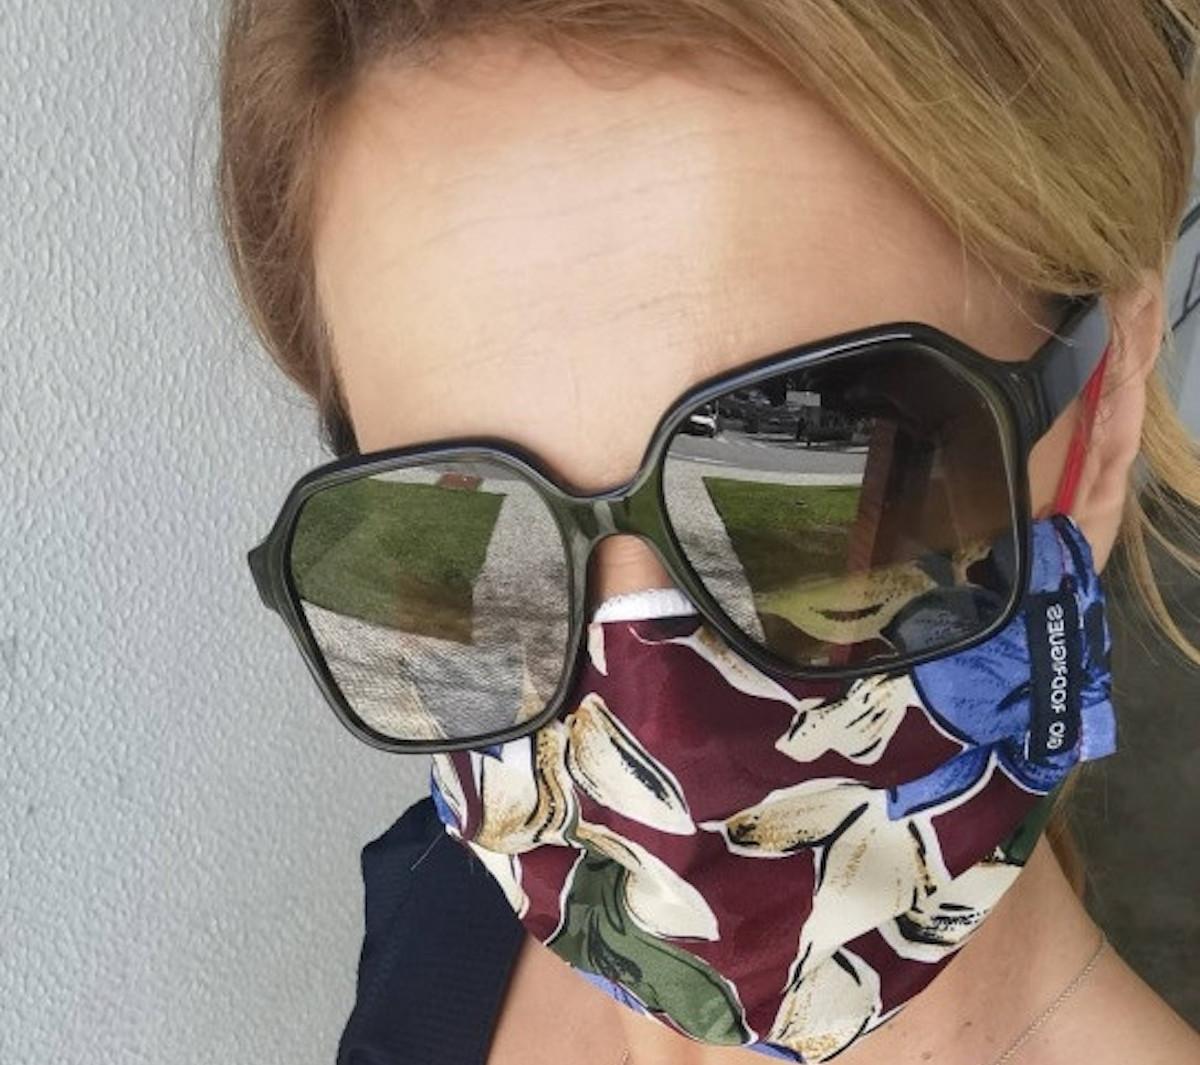 Cristina Ferreira Mascara 2 Saiba Quanto Custa A Máscara Que Cristina Ferreira Usou Em Dia Importante